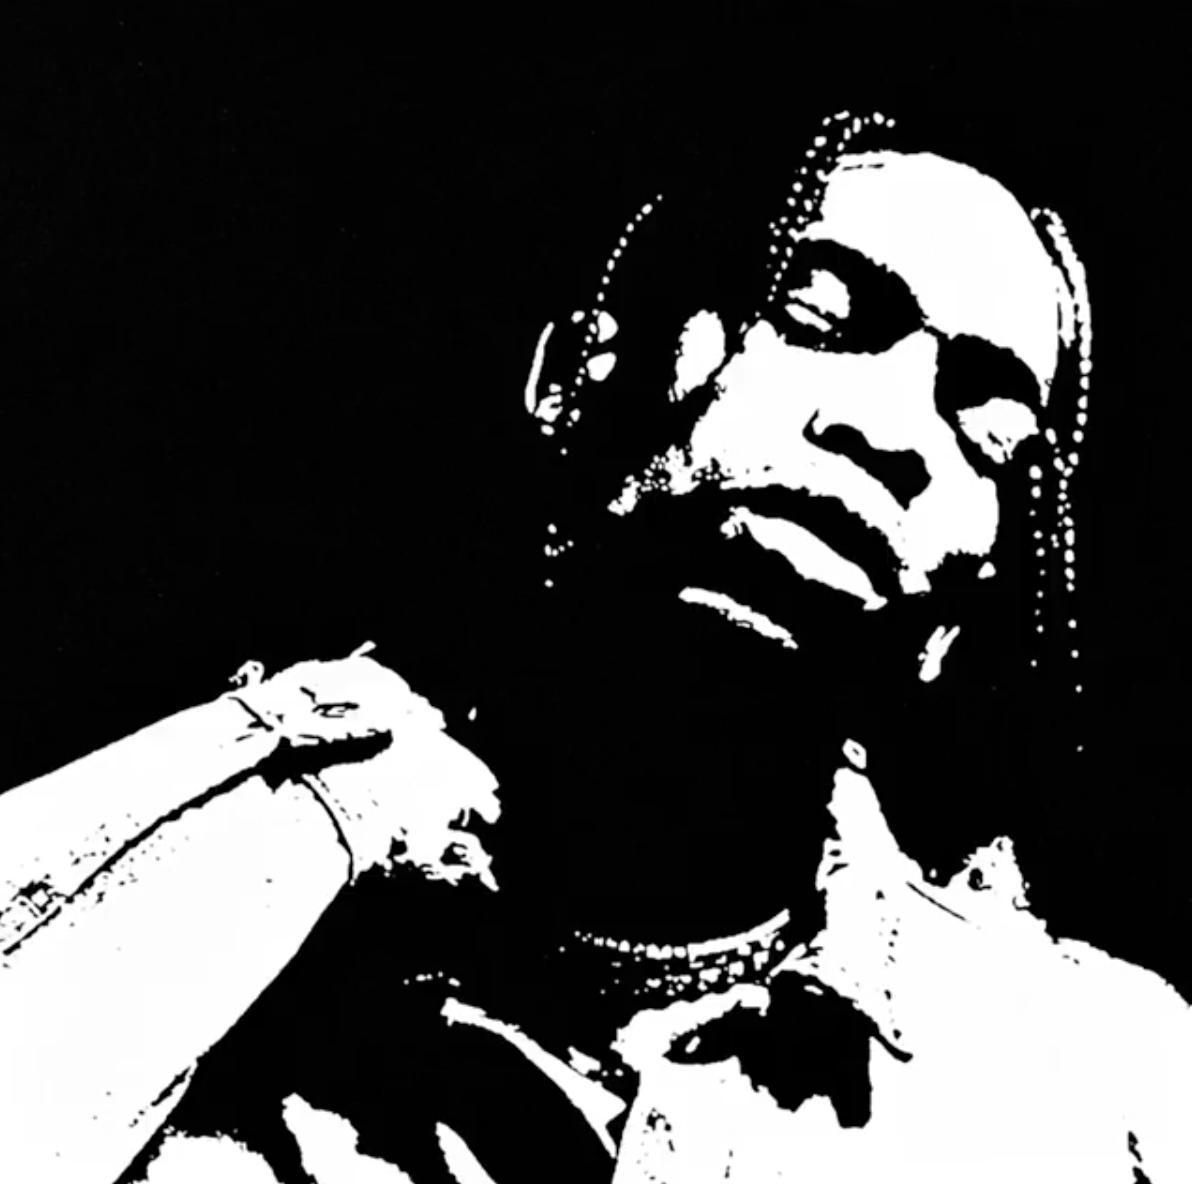 Travis Scott x Saint Laurent To Drop Vinyl Record at colette